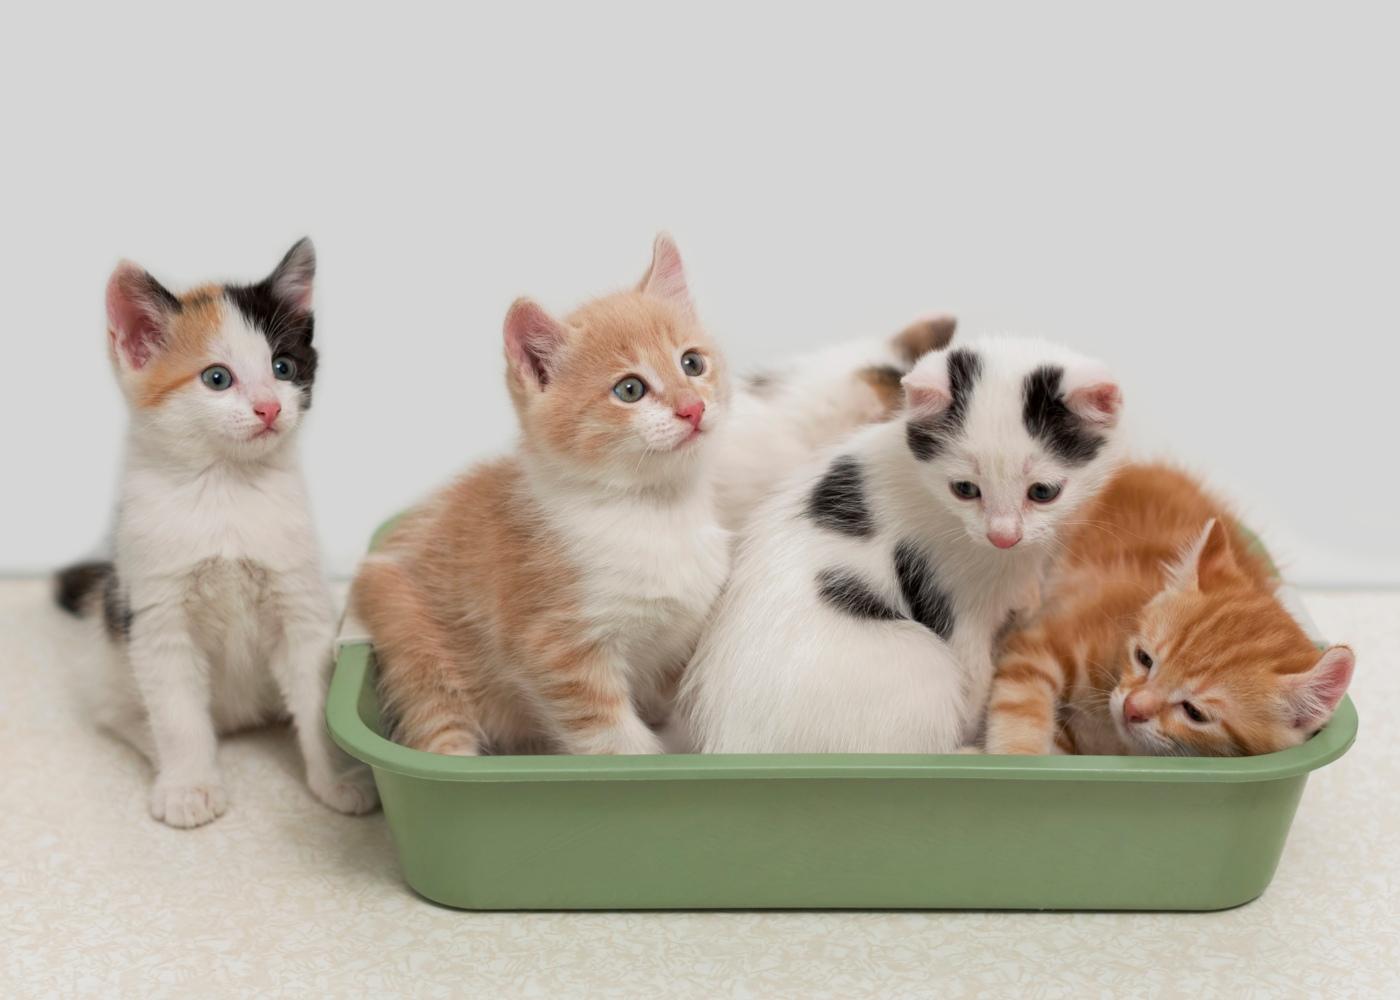 Gatos na caixa de areia